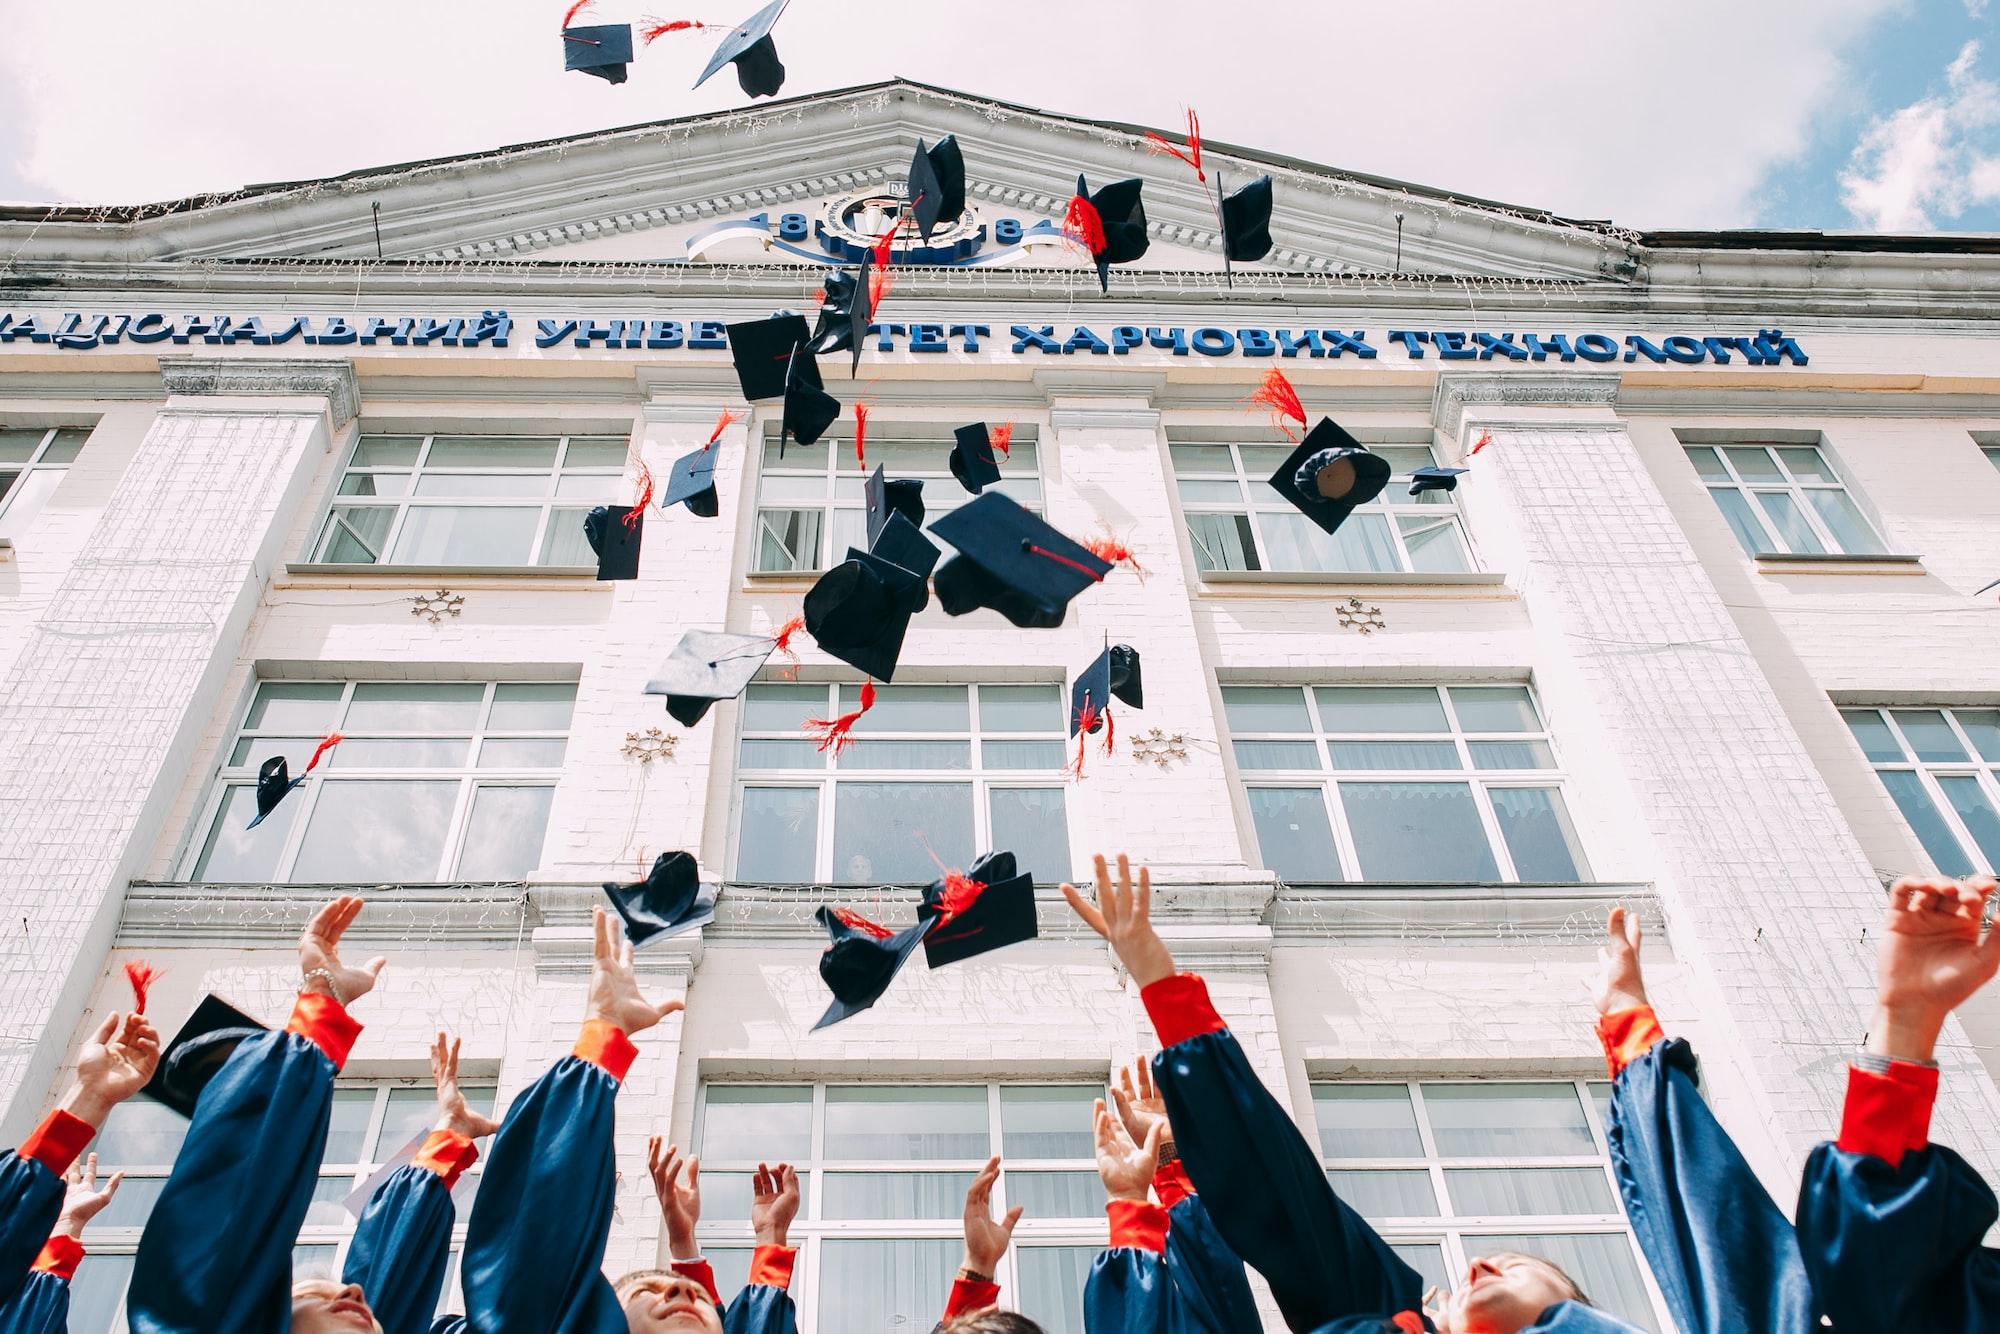 加拿大再推利好政策,满足条件毕业就可申请枫叶卡